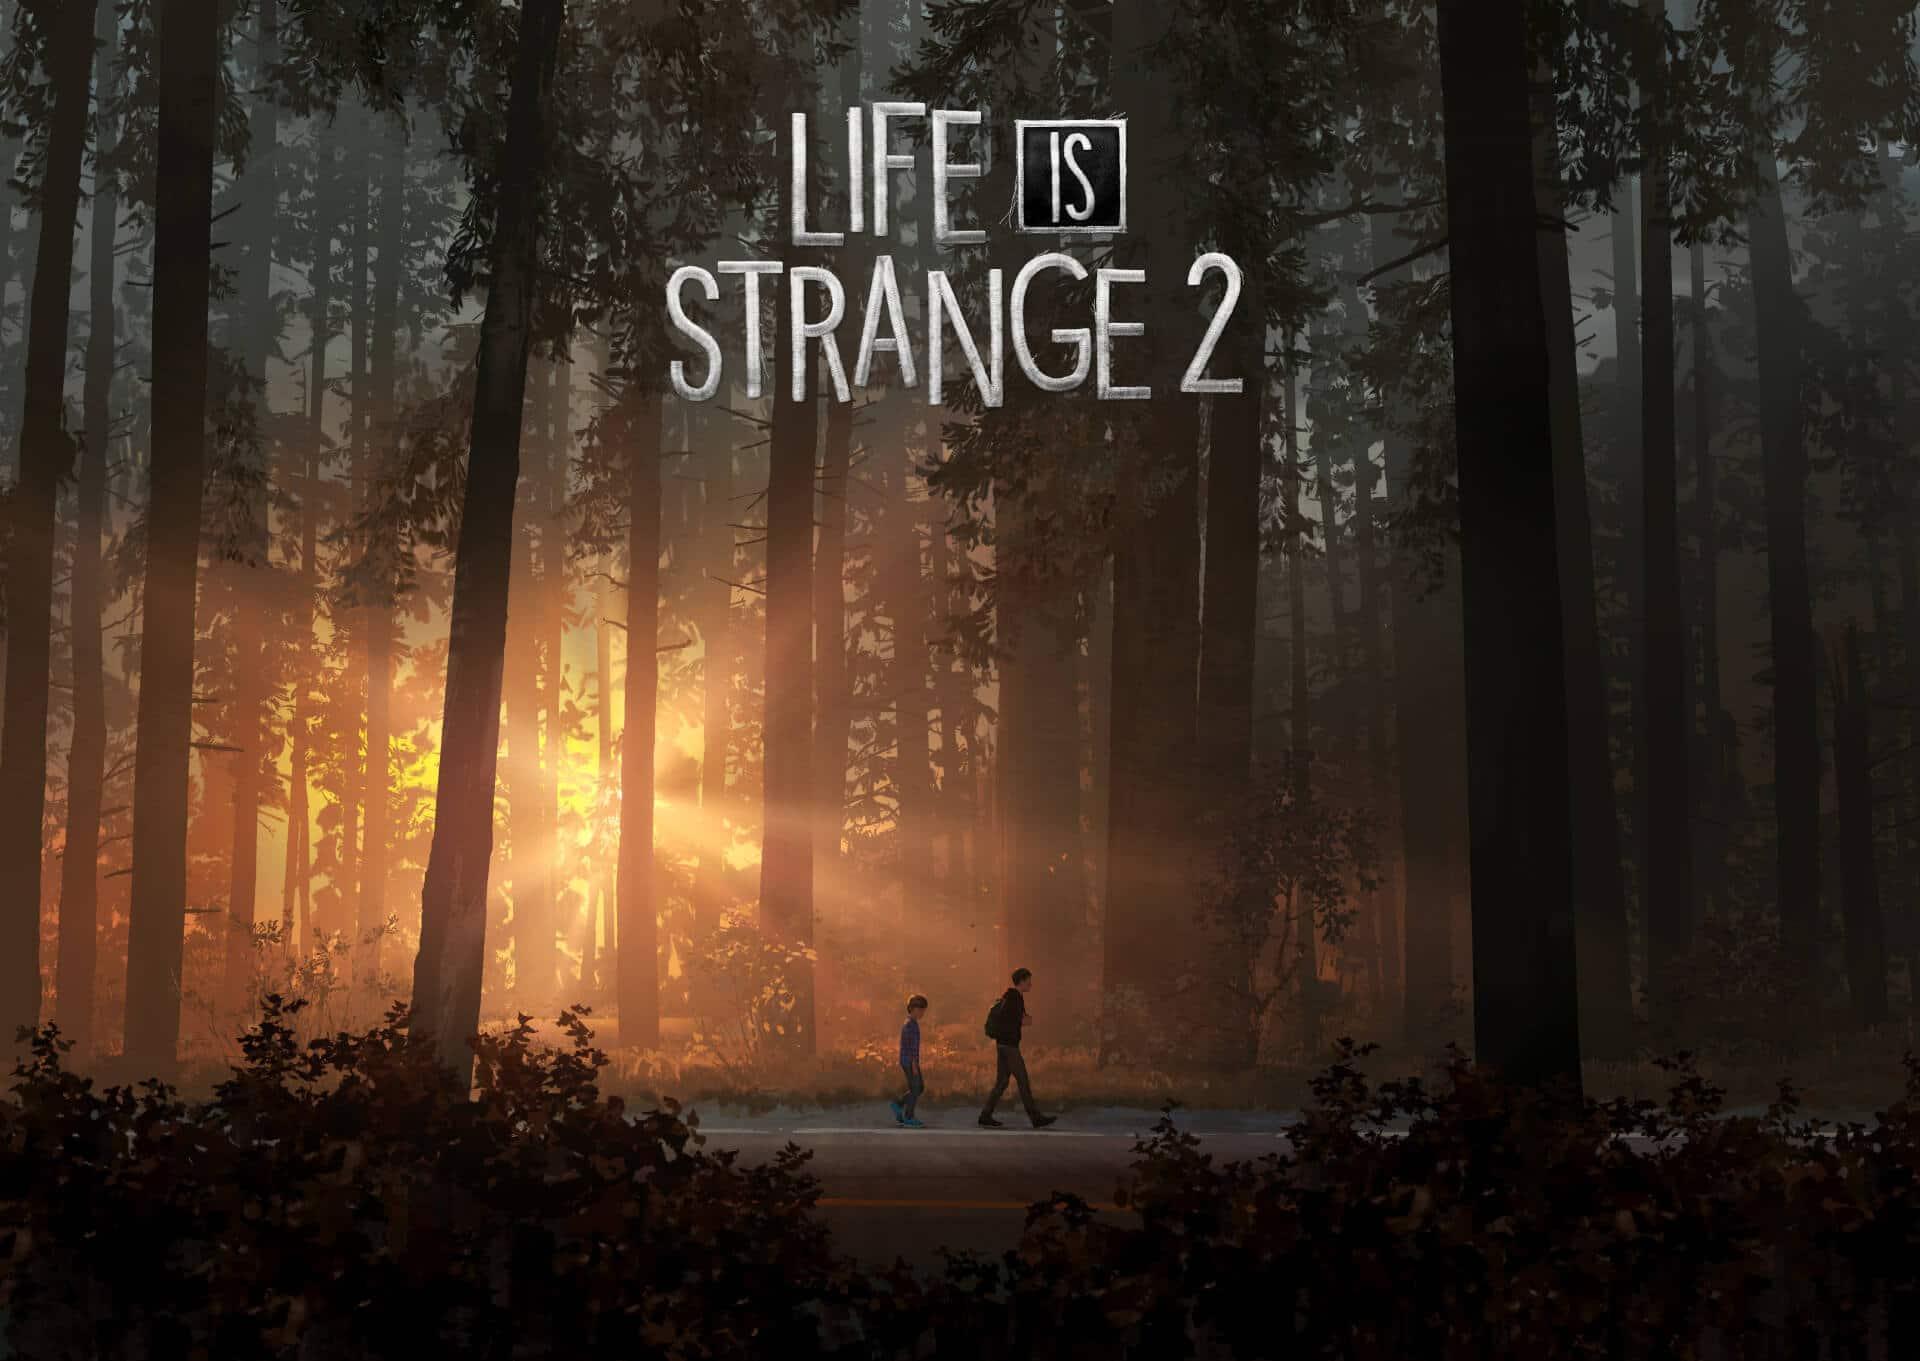 El primer episodio de Life is Strange 2 ya está disponible 1